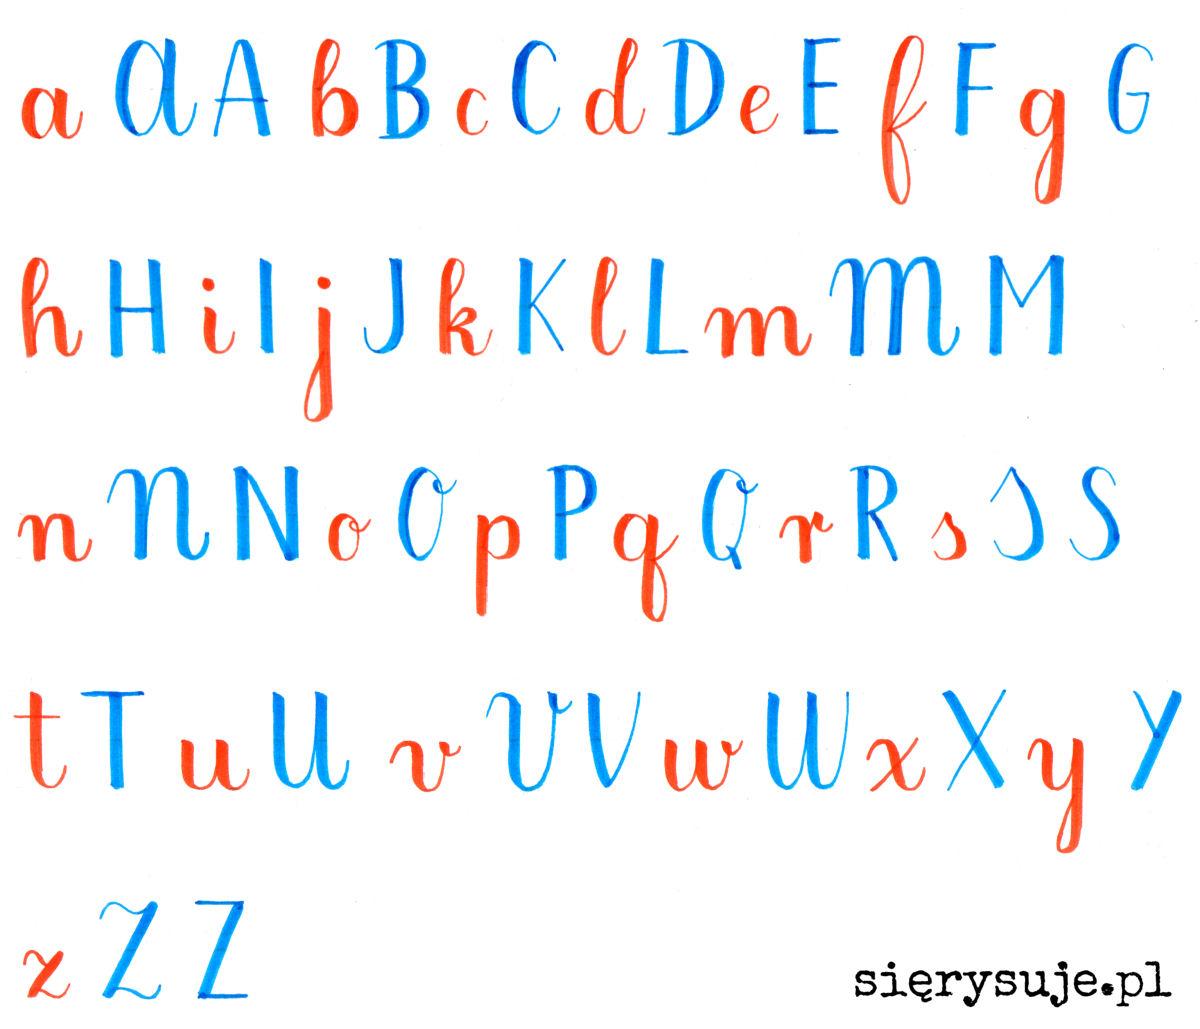 sierysuje.pl duże litery w kaligrafii alfabet